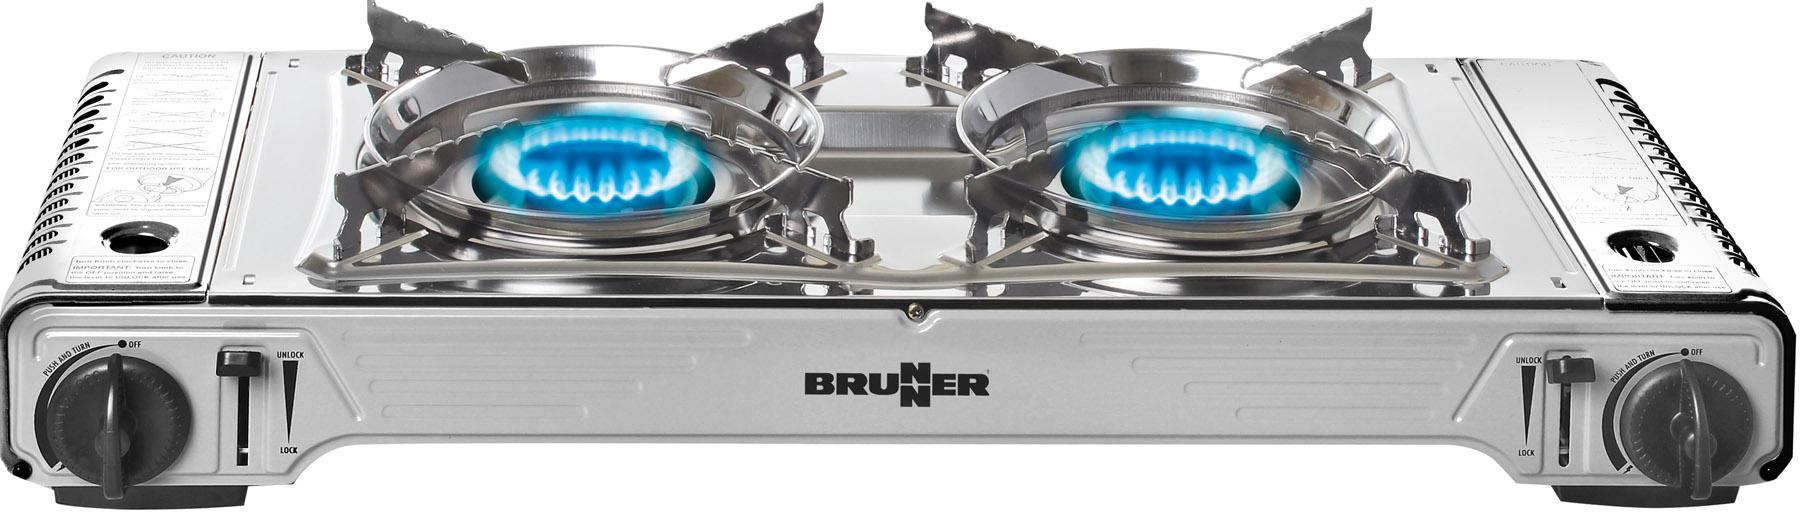 BRUNNER Devil Double Grill 0708017N